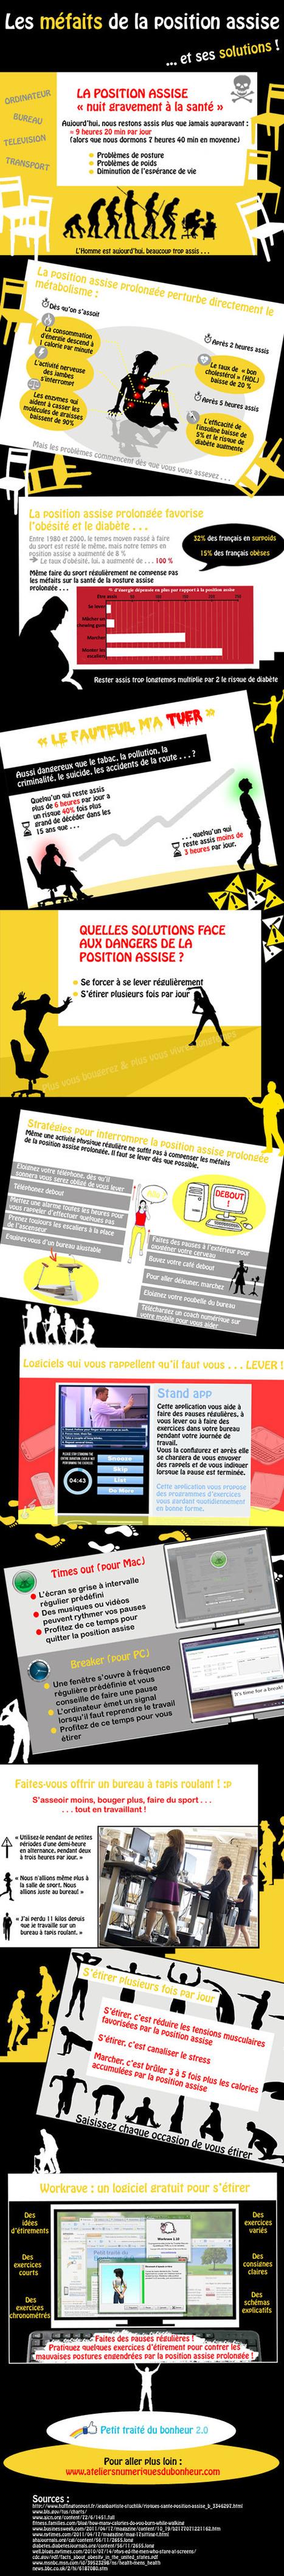 Infographie : les méfaits de la position assise ... et ses solutions ! | Productivité et santé au travail | Scoop.it